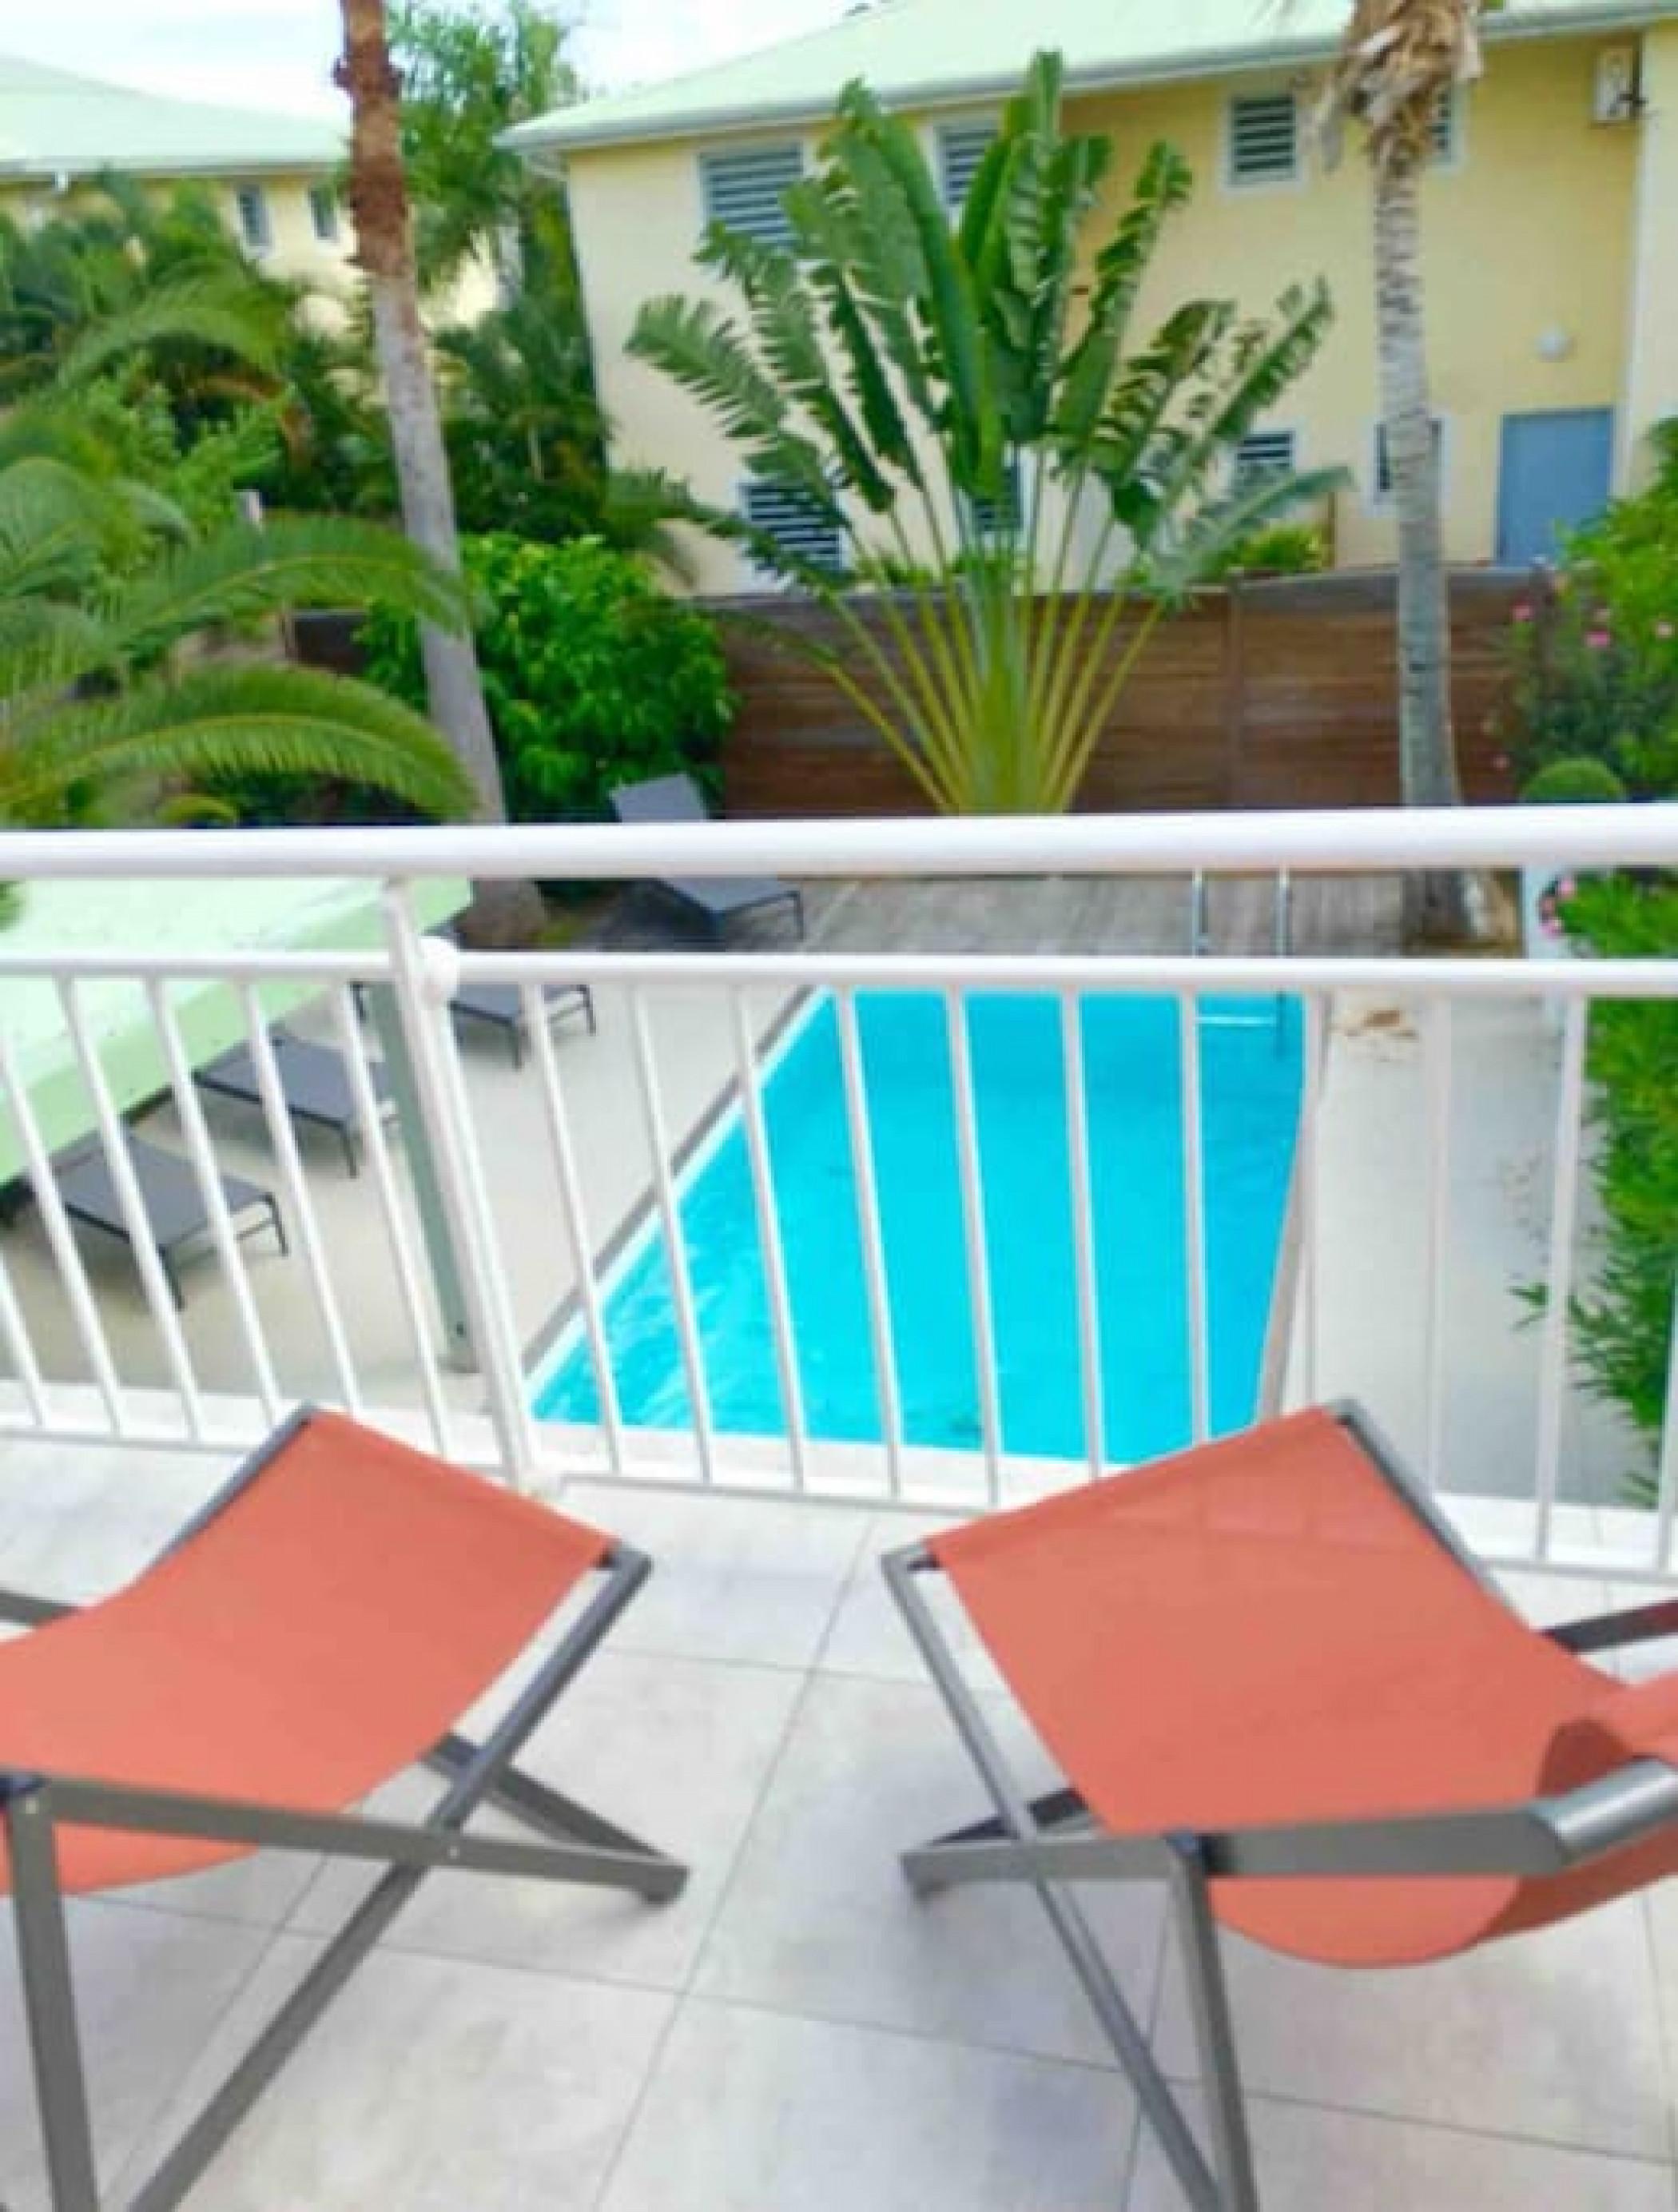 Magellan, spacieuse villa avec piscine piscine privée à 2 min à pied de la plage d'Orient Bay